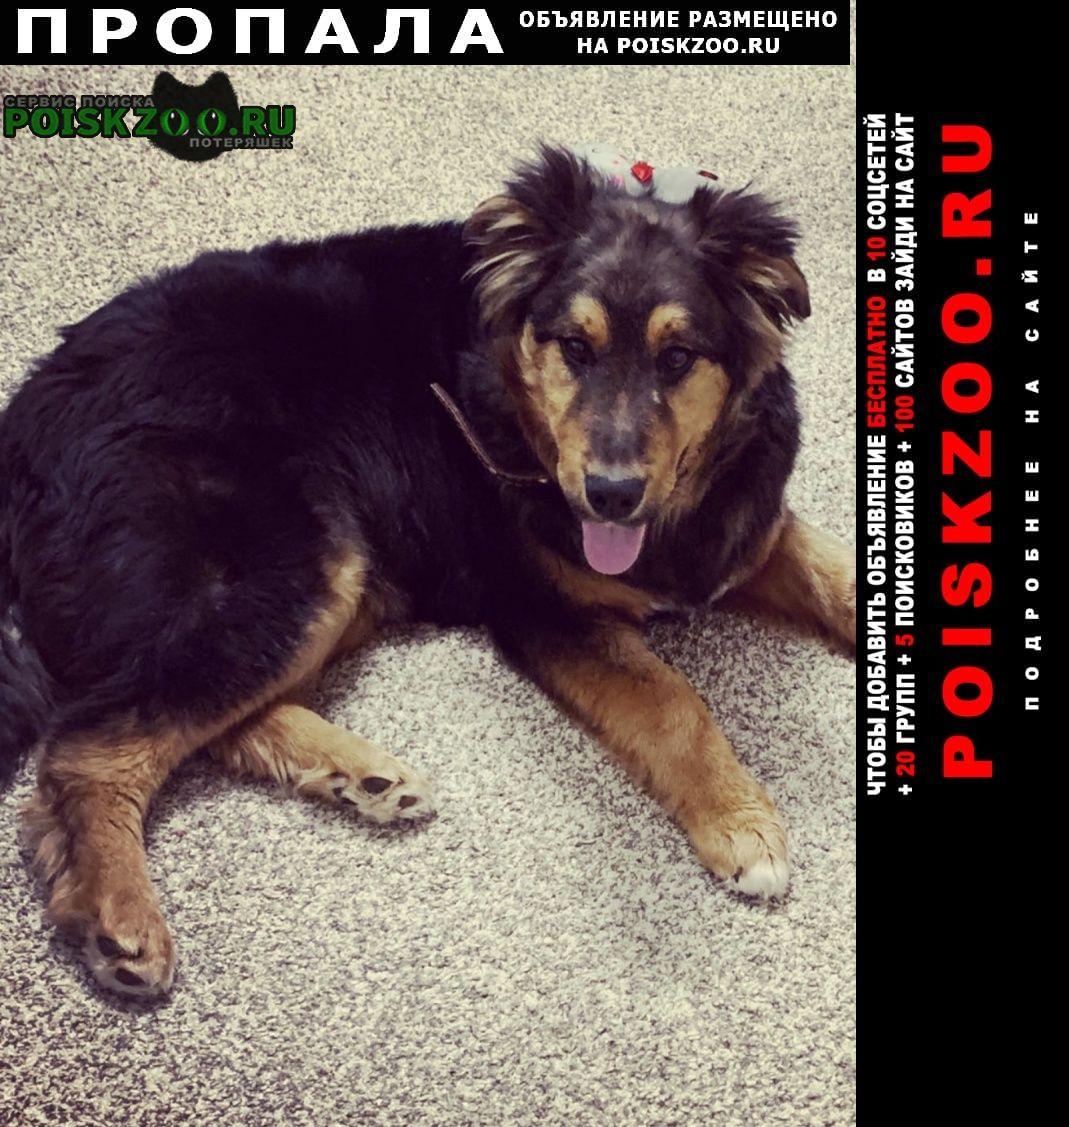 Пропала собака кобель верните за вознаграждение Чебоксары